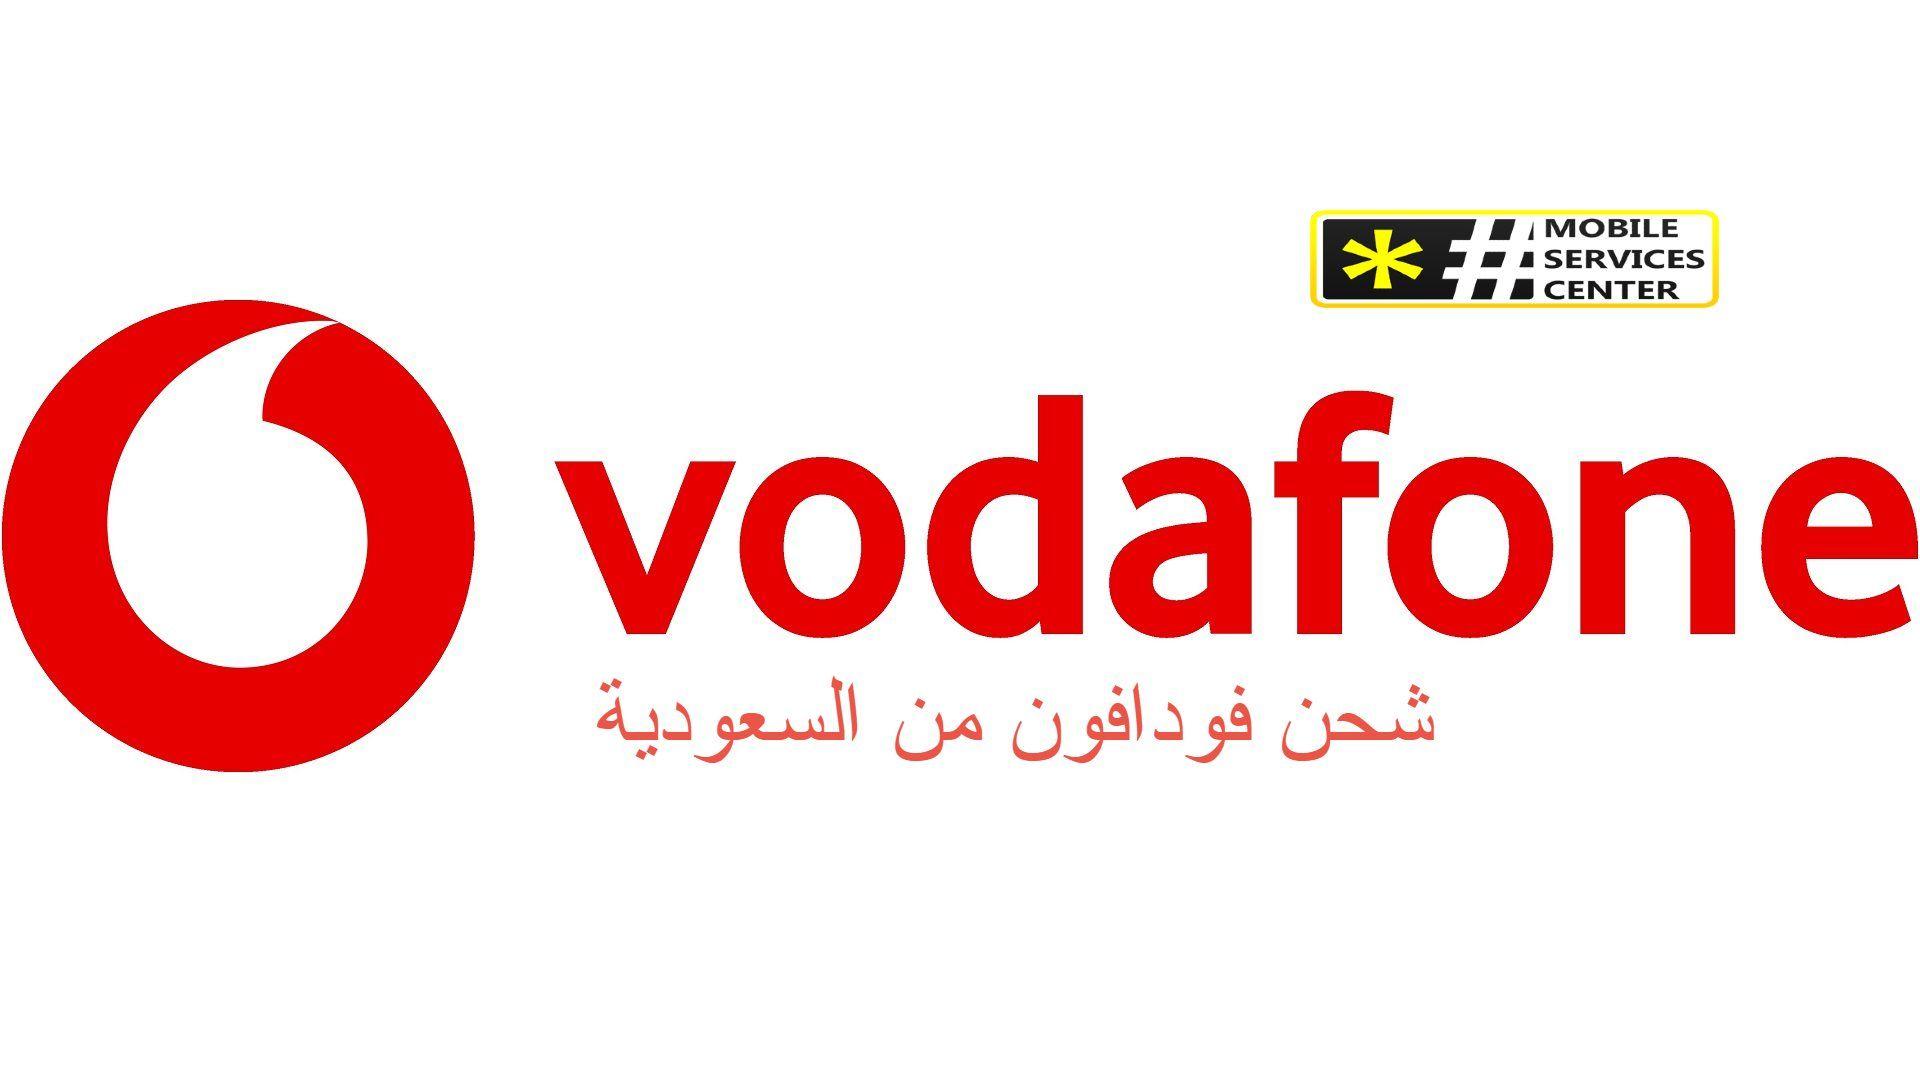 Pin By Islam Hamed On Mix Company Logo Vodafone Logo Tech Company Logos